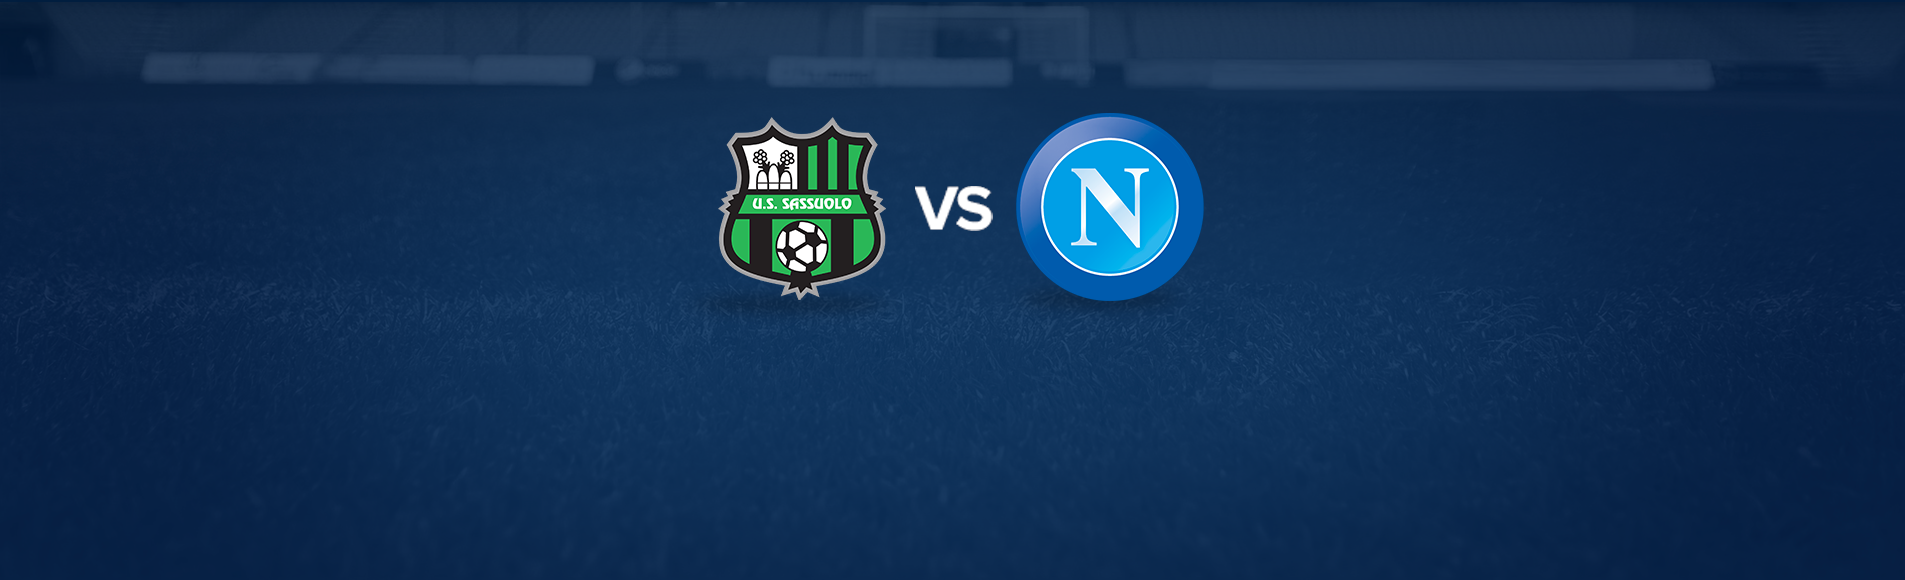 Sassuolo-Napoli: dove vedere la partita in tv e diretta streaming - NAPOLI CALCIO